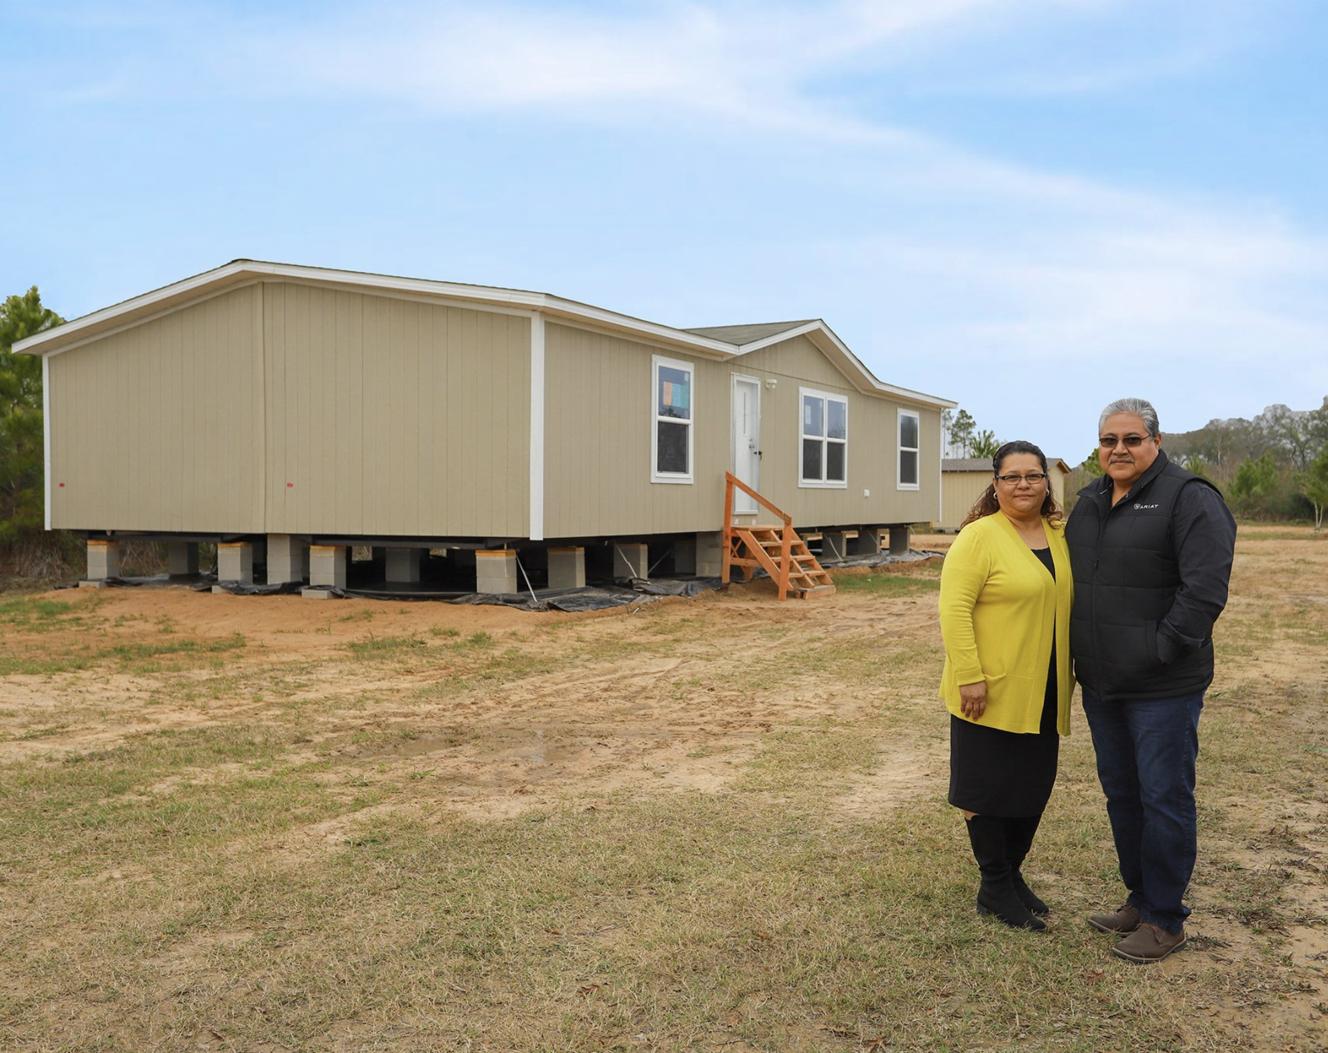 """""""Primeramente compramos para no tener que estar pagando renta para otro, ahora pagamos para nosotros. Tenemos nuestra traila, primero dios al futuro construiremos nuestra casa."""""""